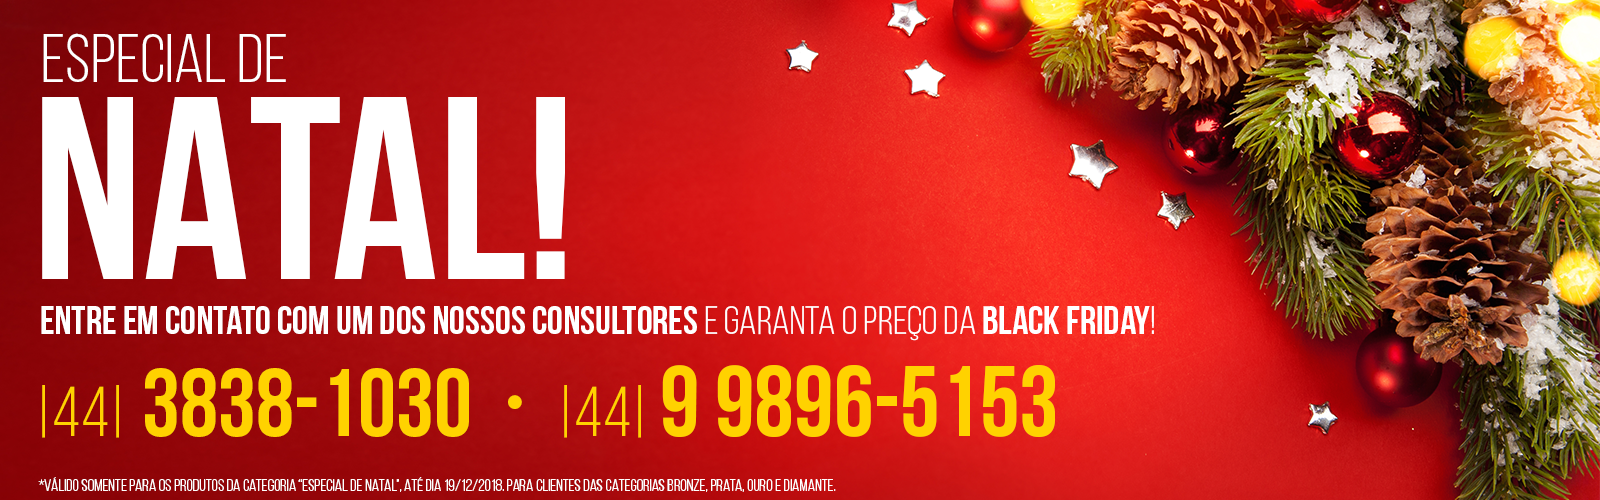 Especial de Natal! Garanta os preços das Black Friday entrando em contato com um de nossos consultores!